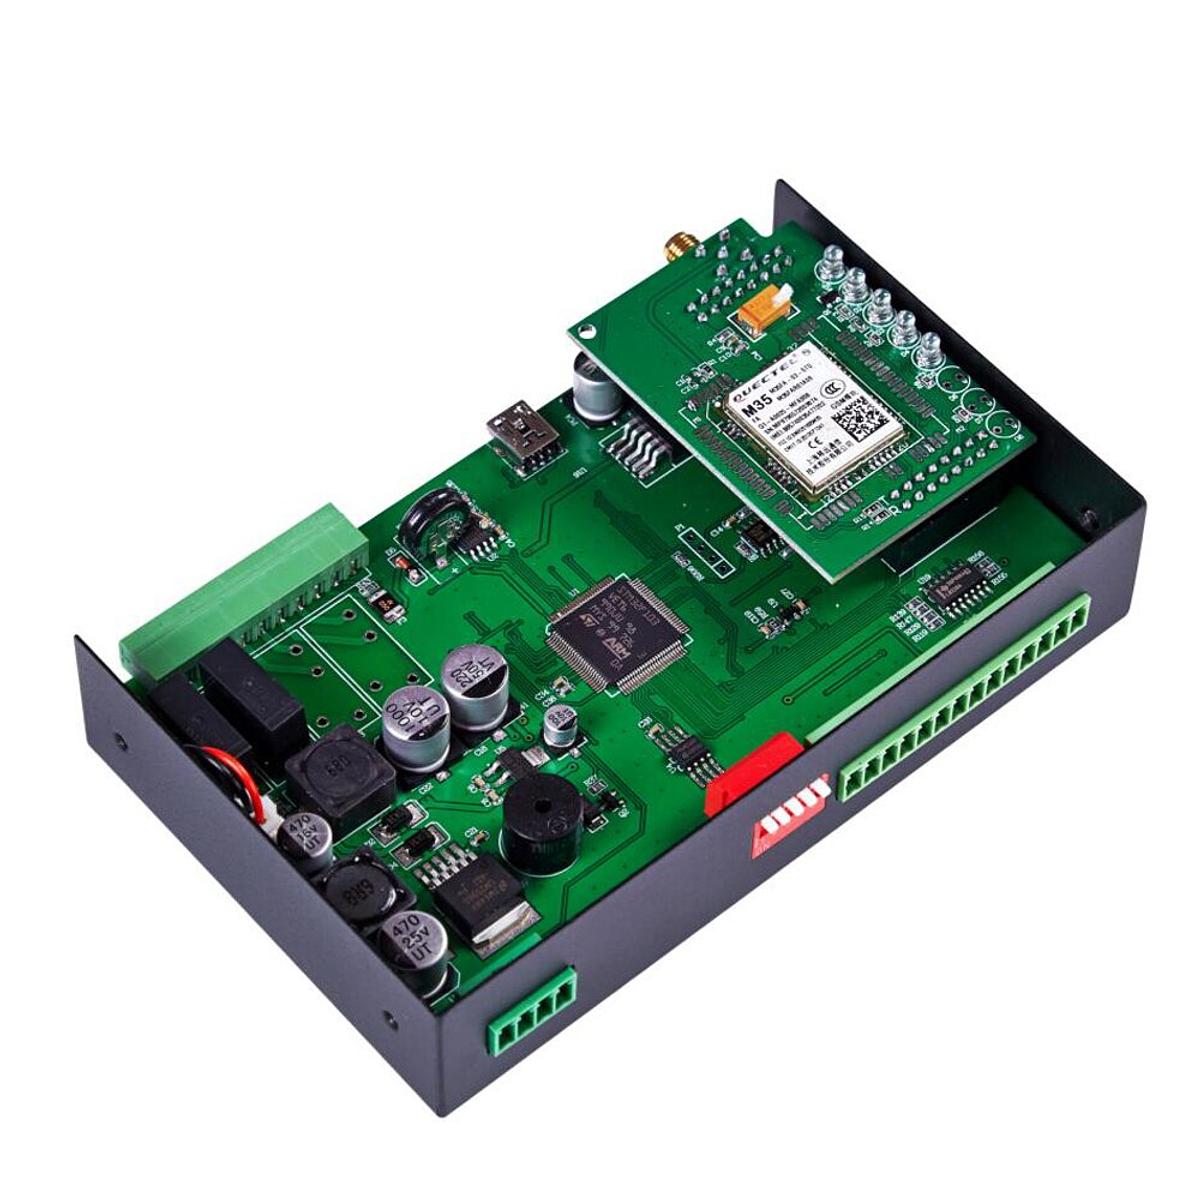 Controlador Plc Y Adquisici 243 N De Datos 3g Rtu Rs485 Modbus